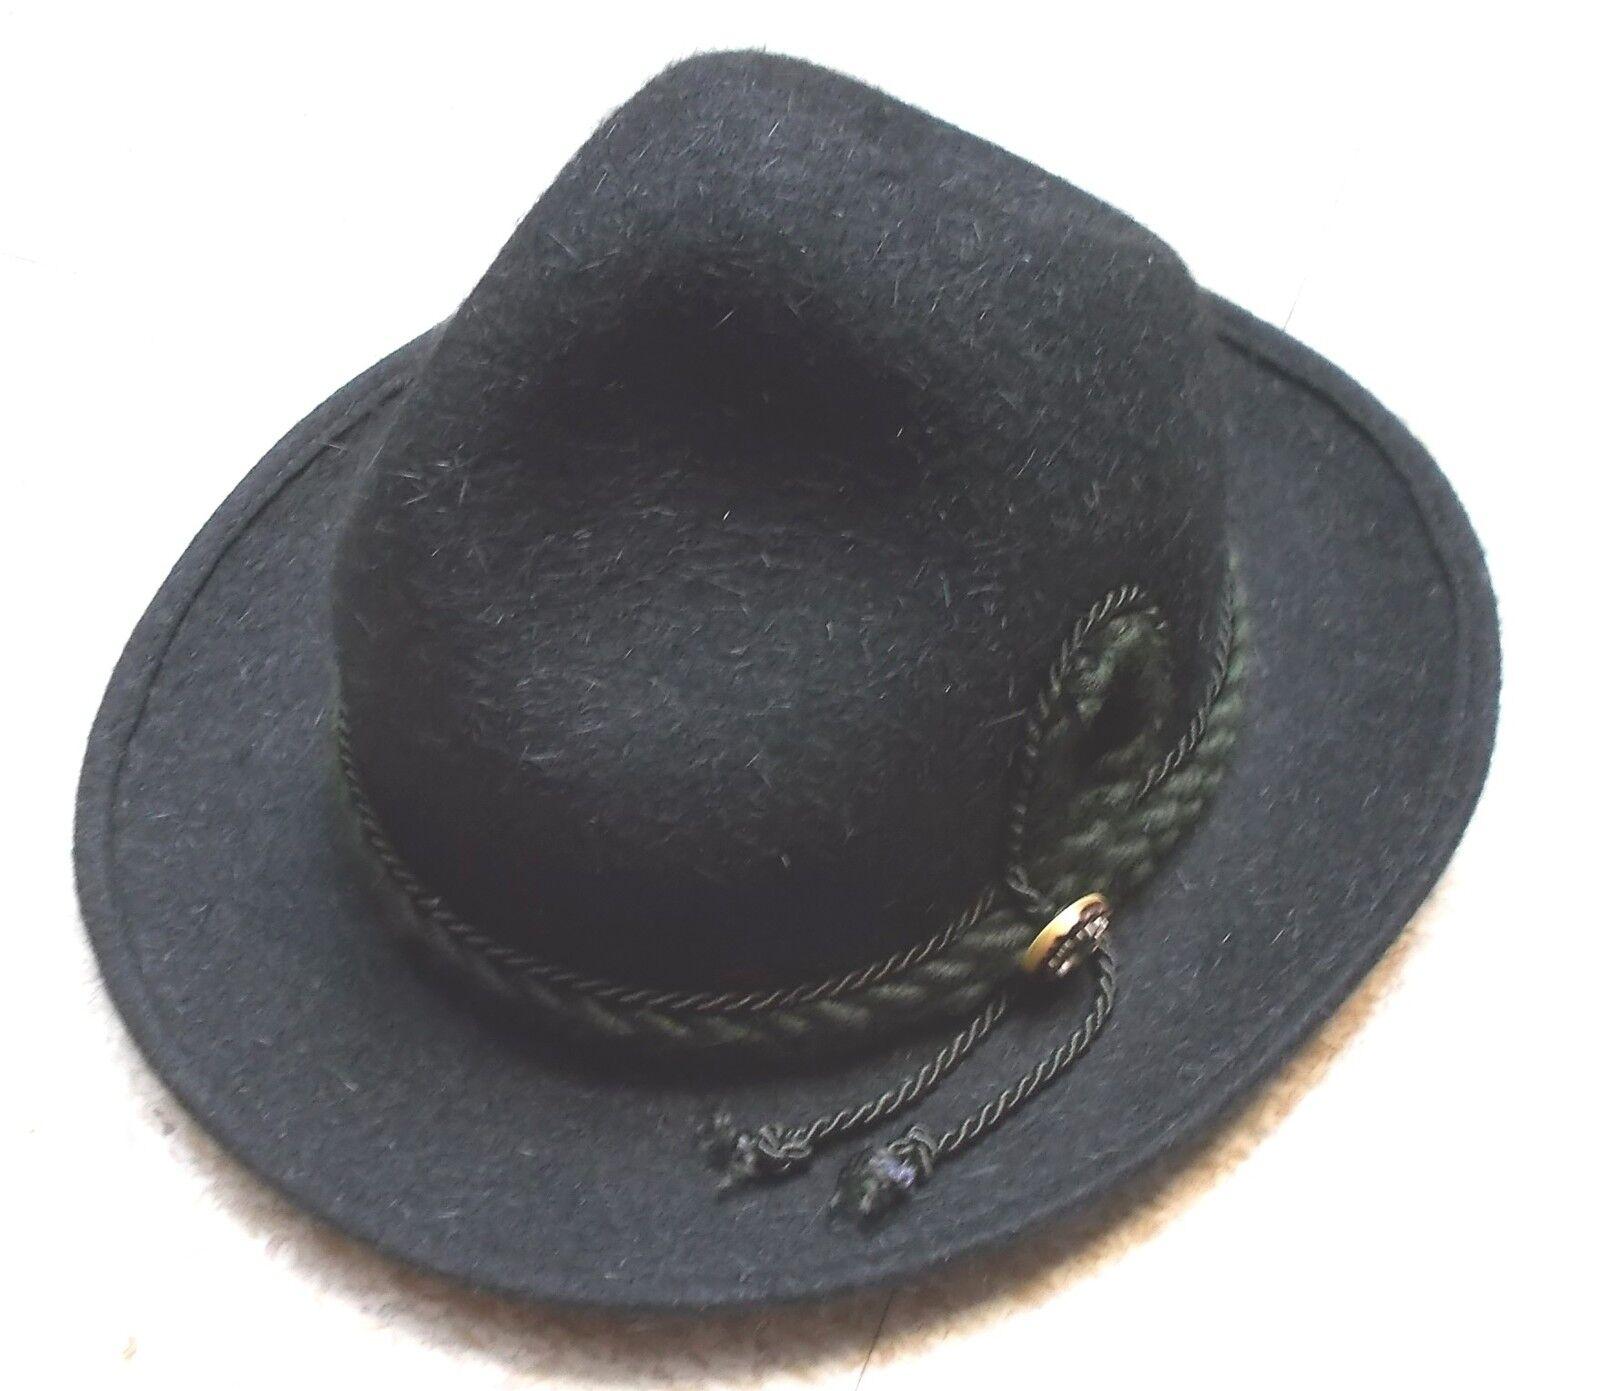 Trachtenhut schwarz 1-Zierknopf mit Kordel Haarfilz Herren Herren Herren Gr. 55 | Feine Verarbeitung  c0e357